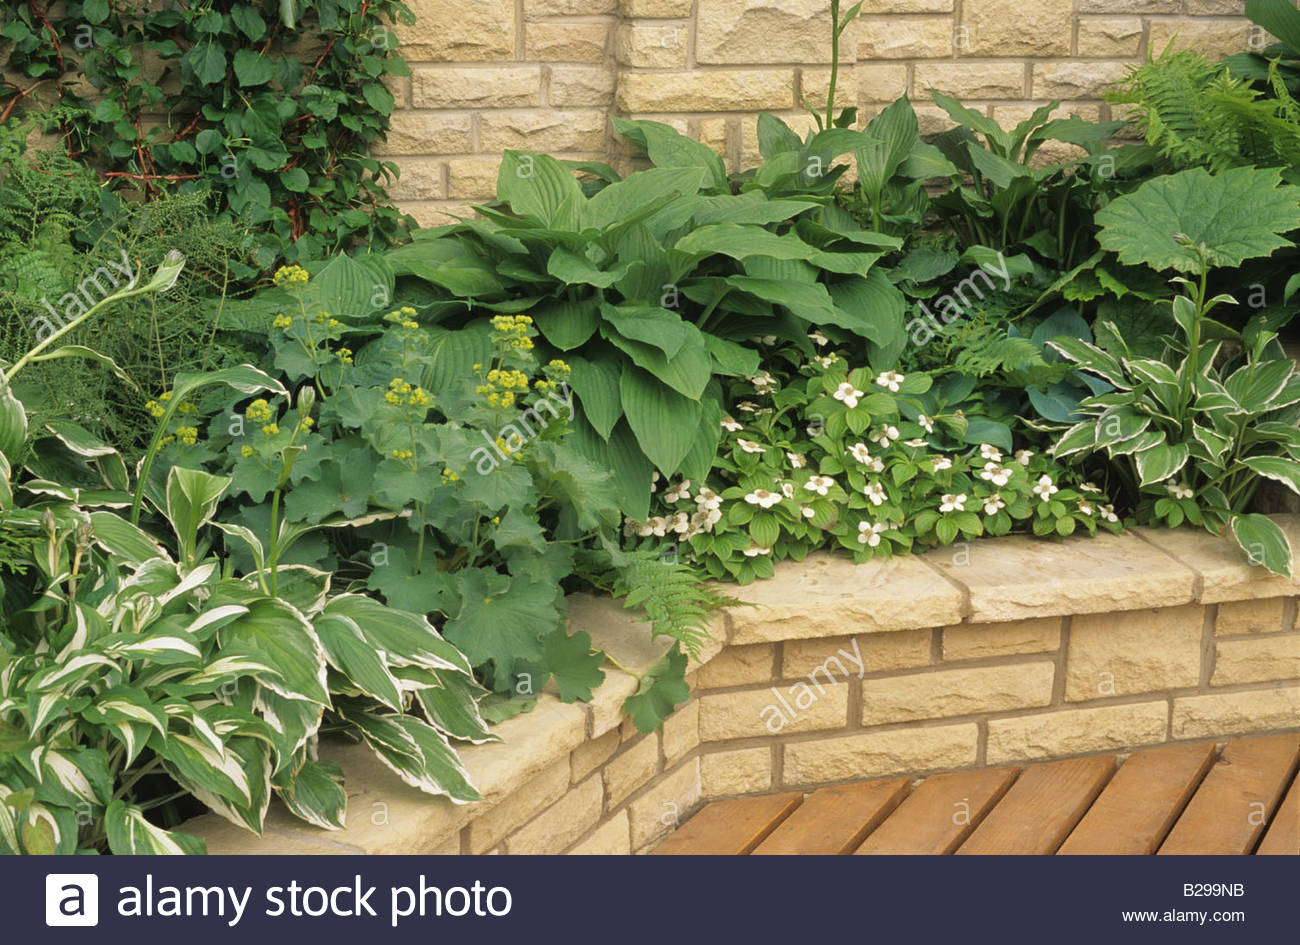 Schattenliebende Pflanzen chelsea fs 1992 erhaben bett in einer schattigen ecke des einen